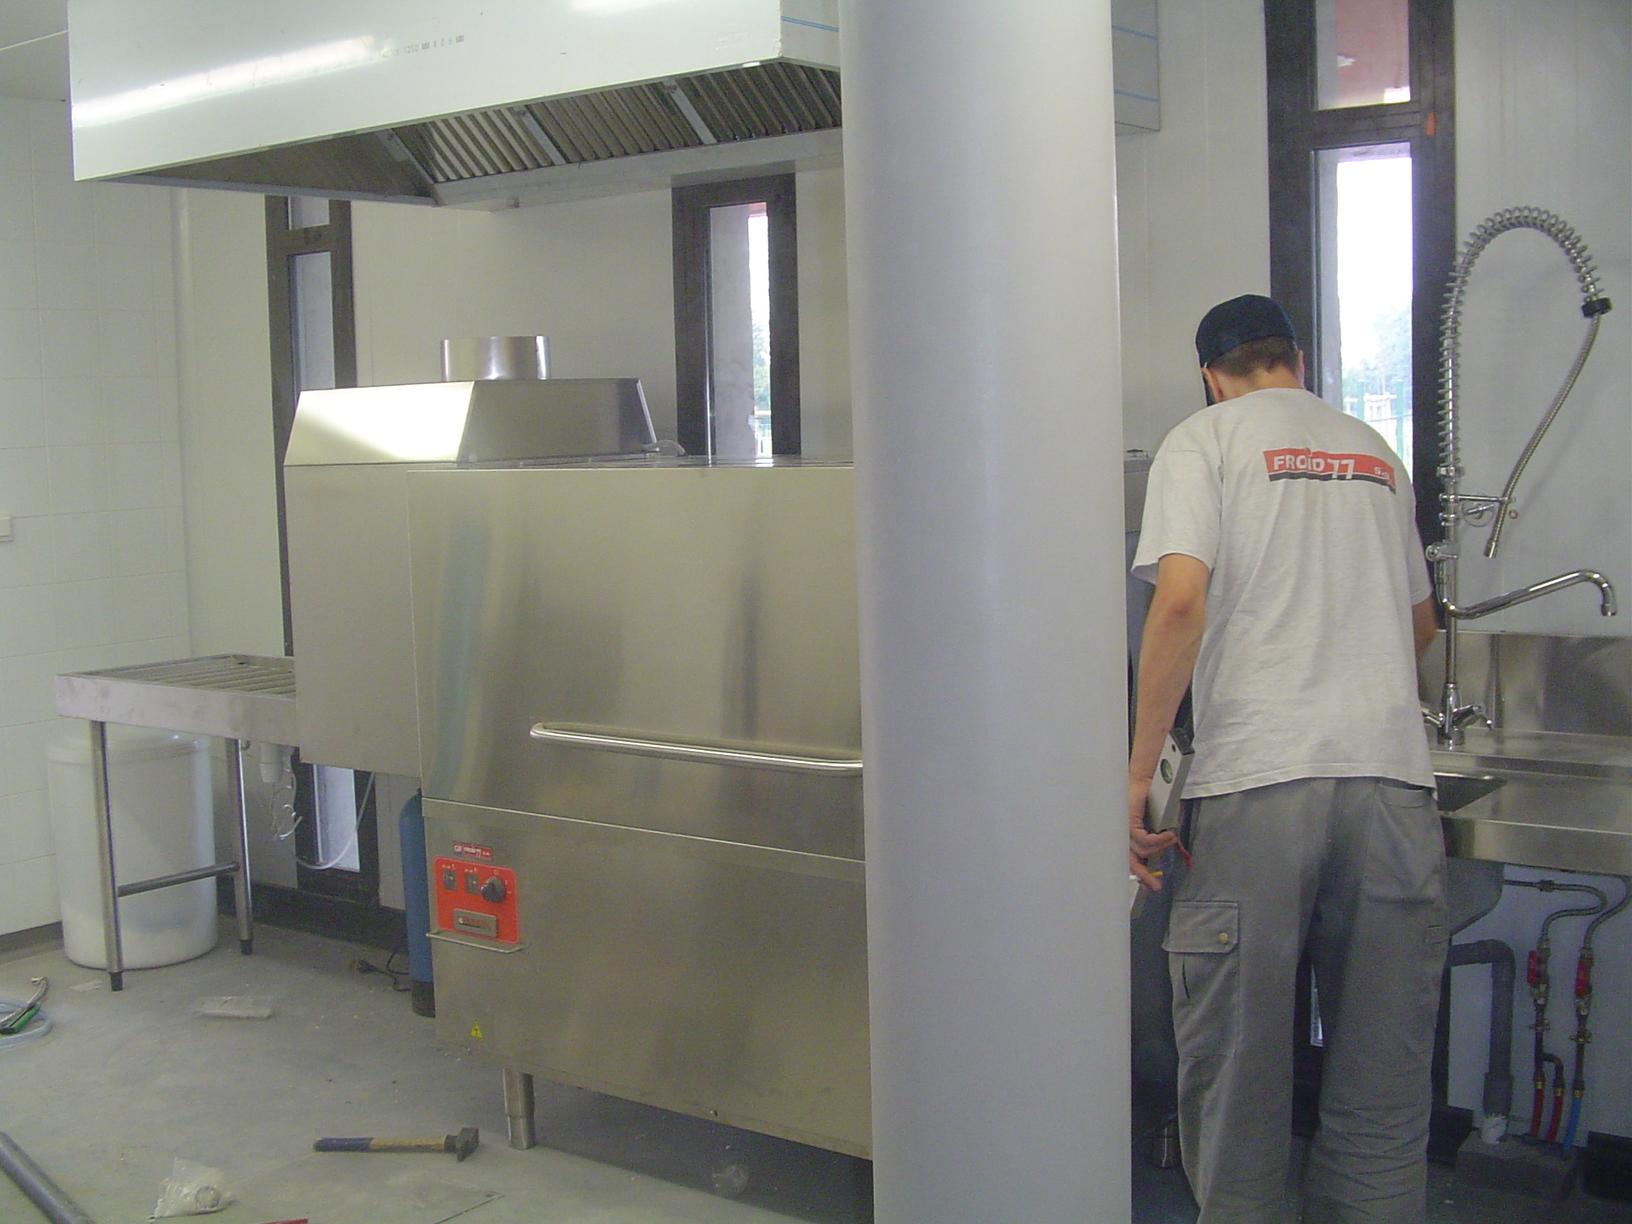 installation d'un lave vaisselle par un technicien monteur